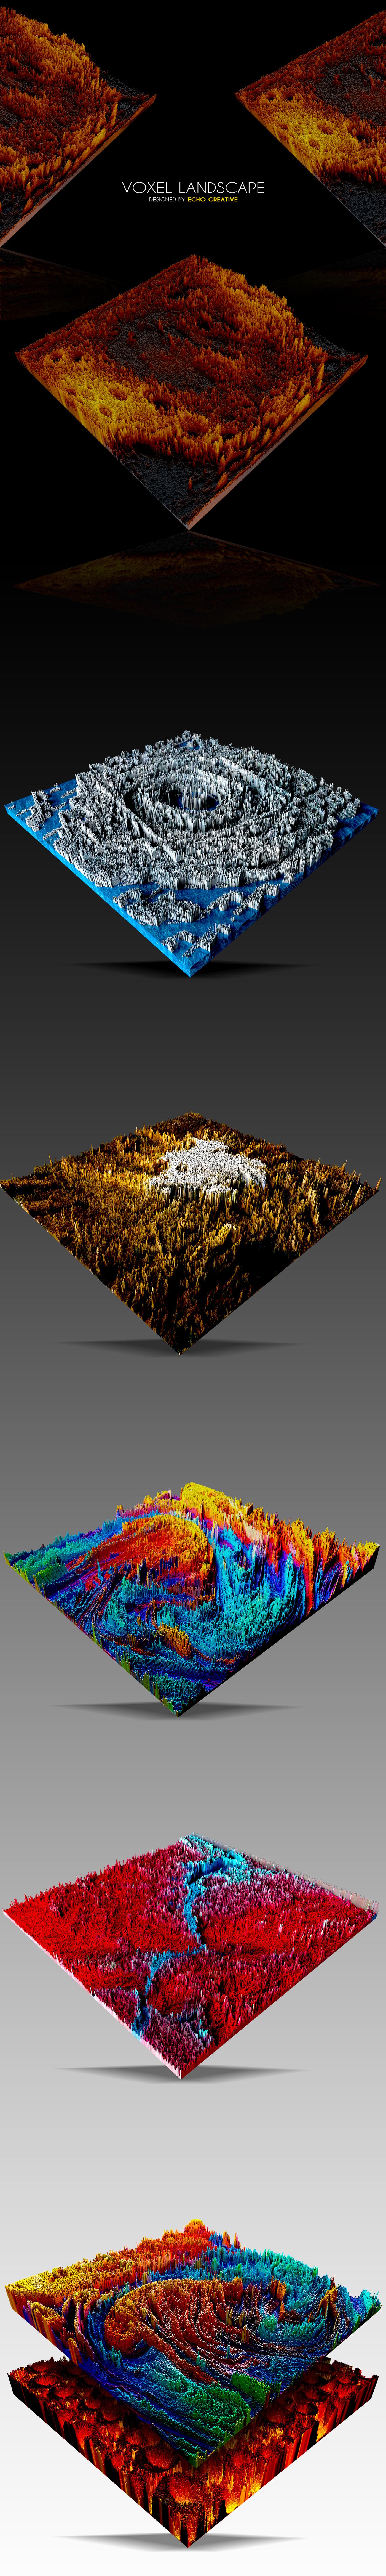 vray cinema 4d voxel Landscape art colour